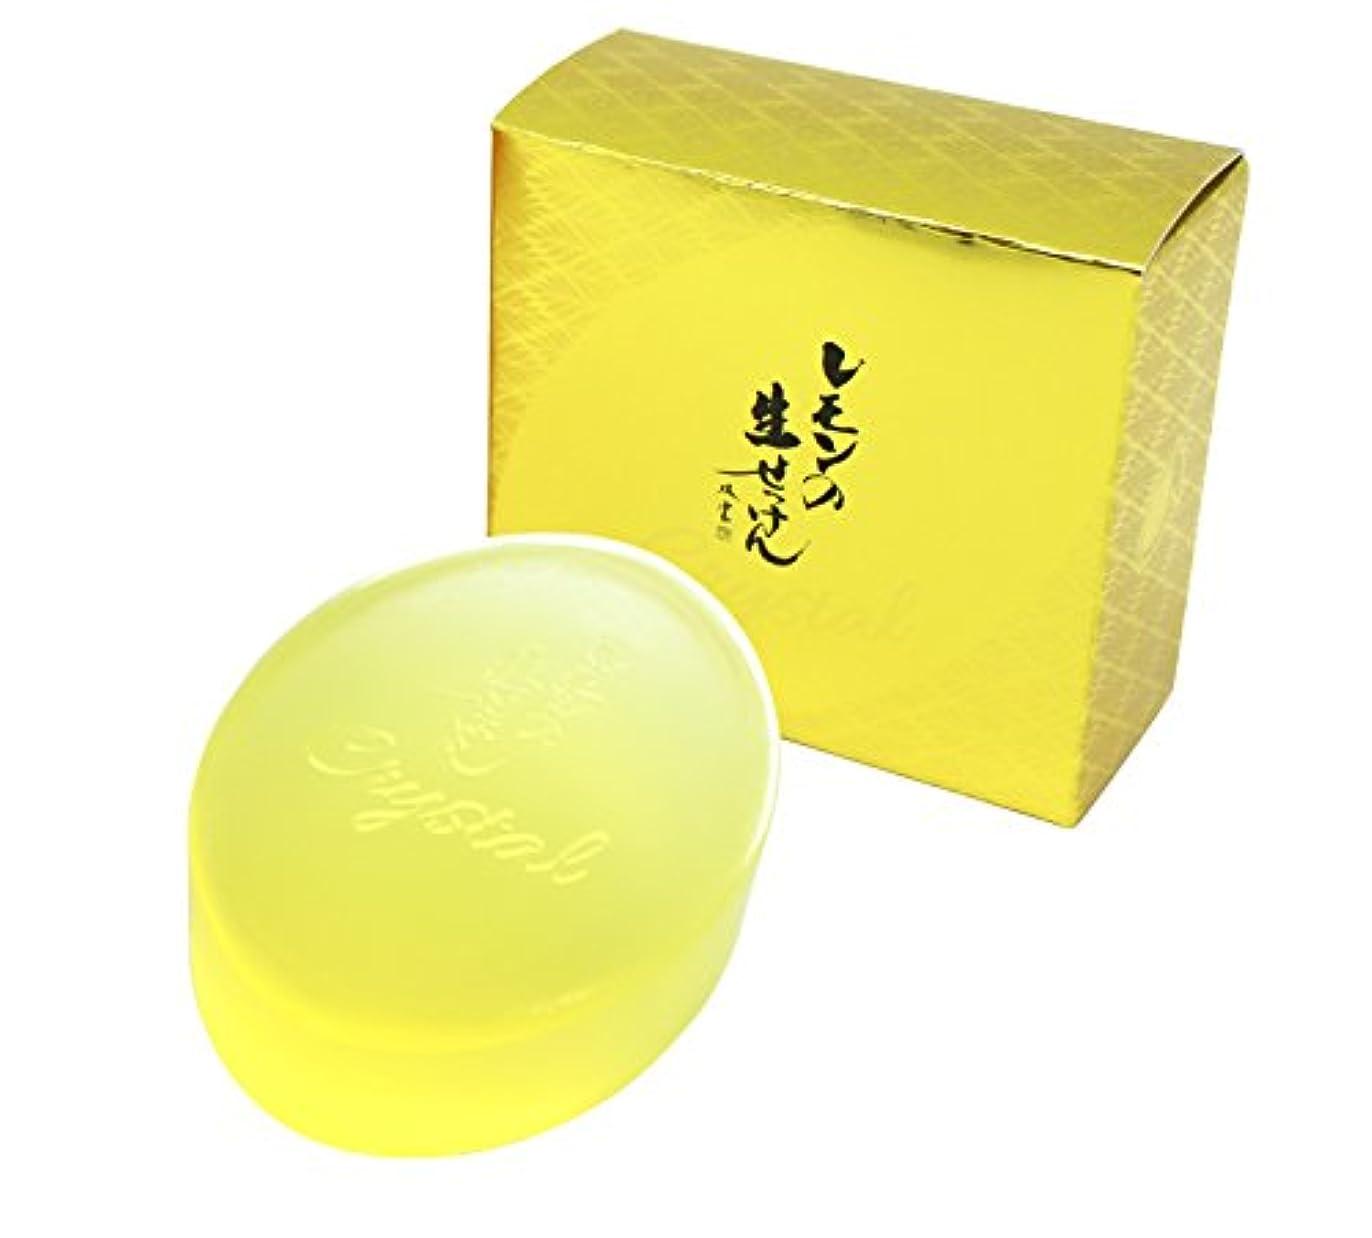 スペイン事実鬼ごっこ美香柑 レモンの生せっけん 洗顔石けん 固形タイプ(枠練り) 90g